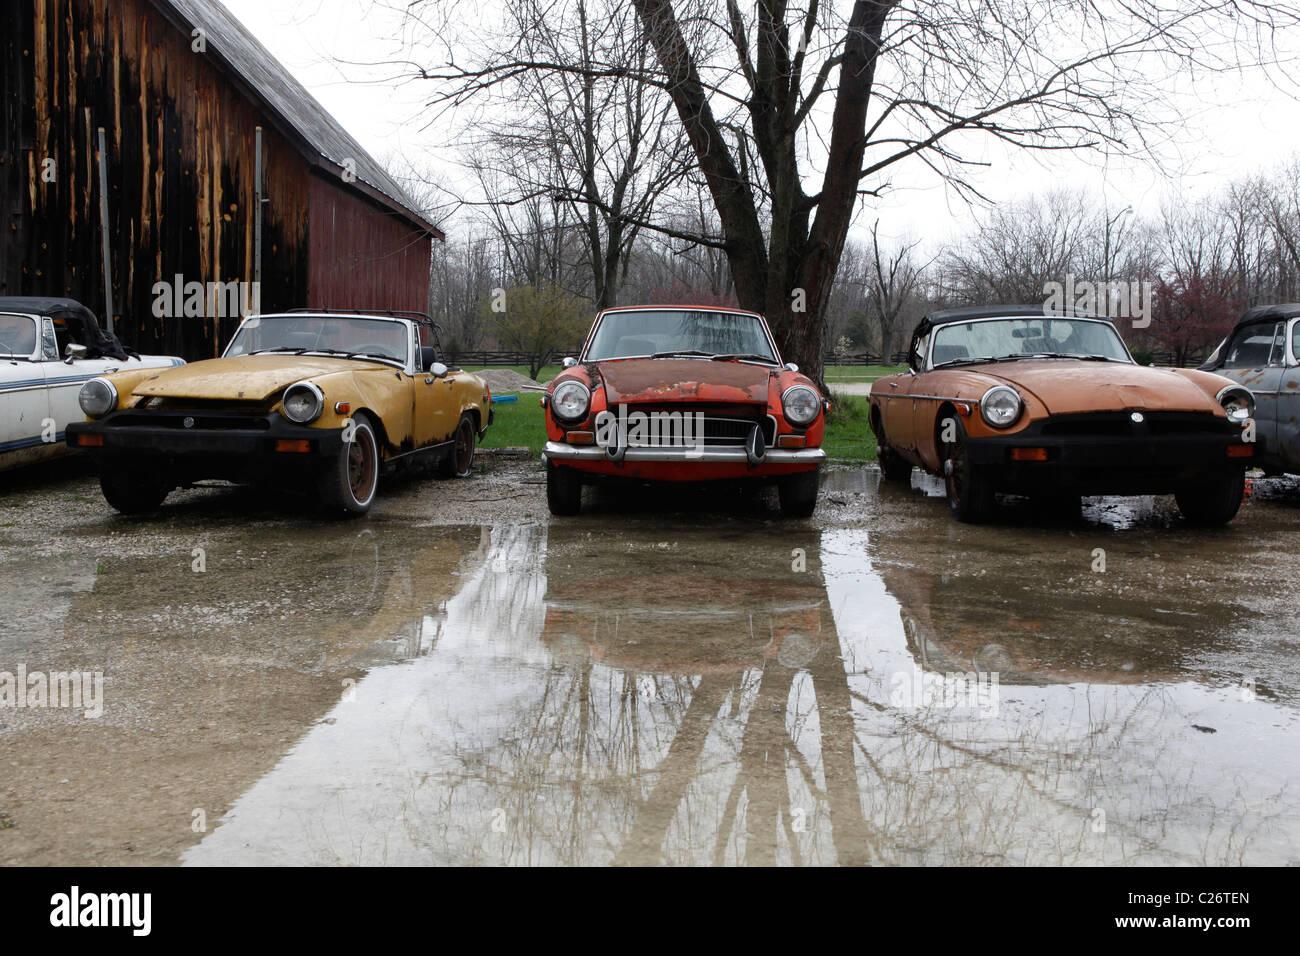 MG britischen Sportwagen sitzt vor der Auktion neben einer Scheune in ländlichen Indiana. Sport Auto Stockbild